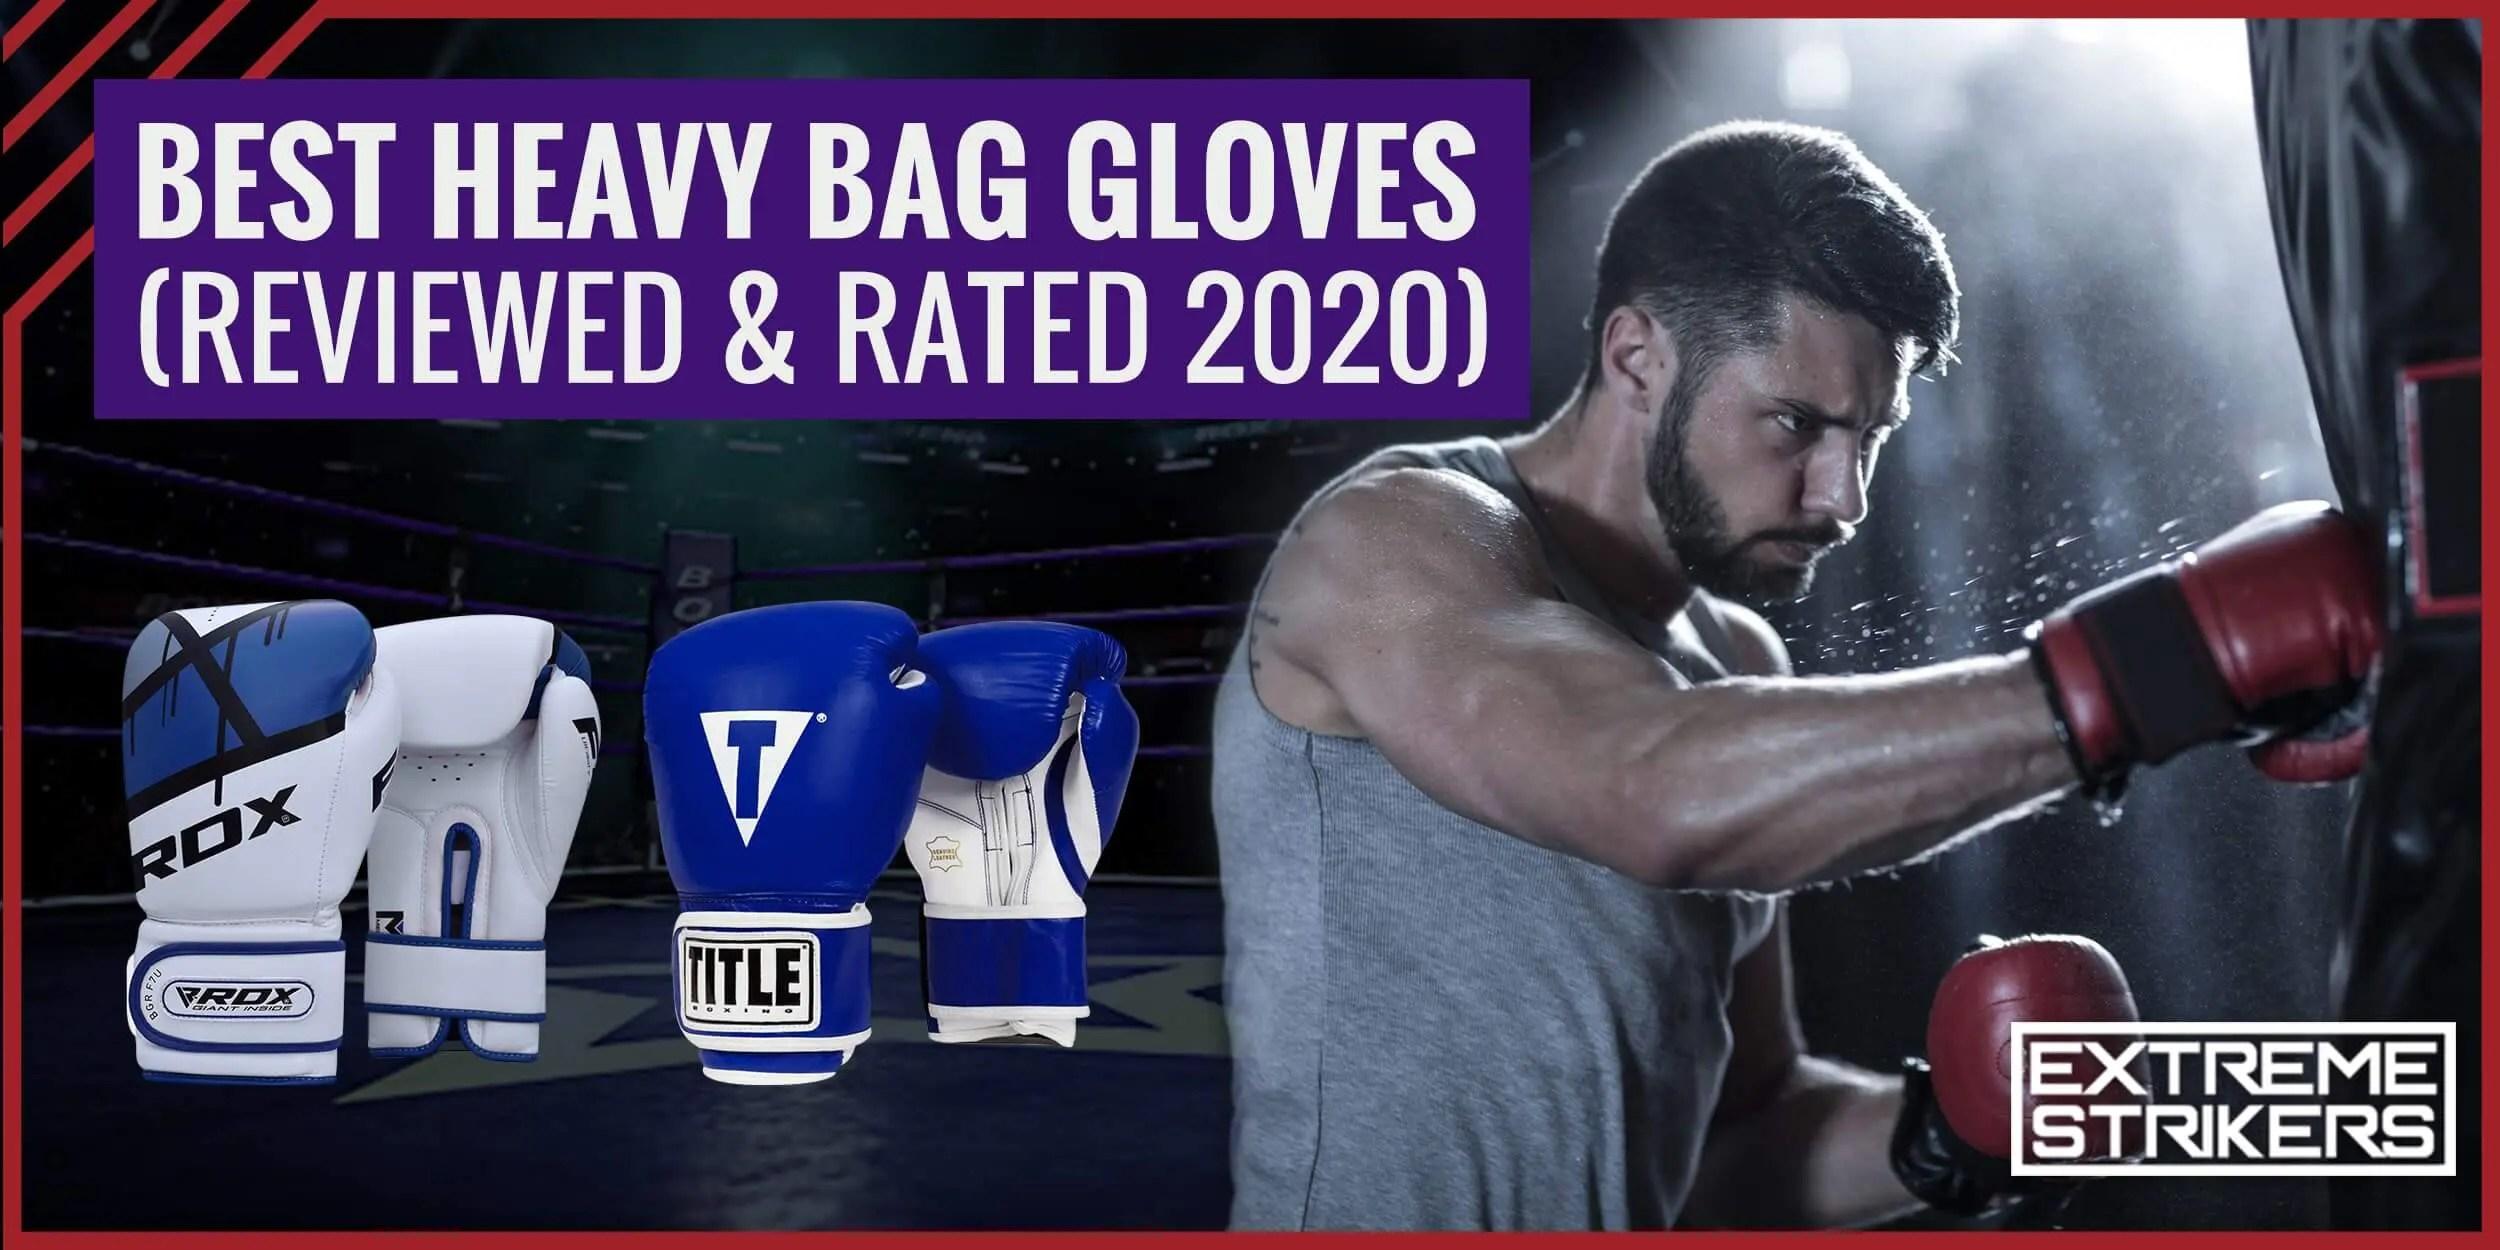 best bag gloves for boxing 2020